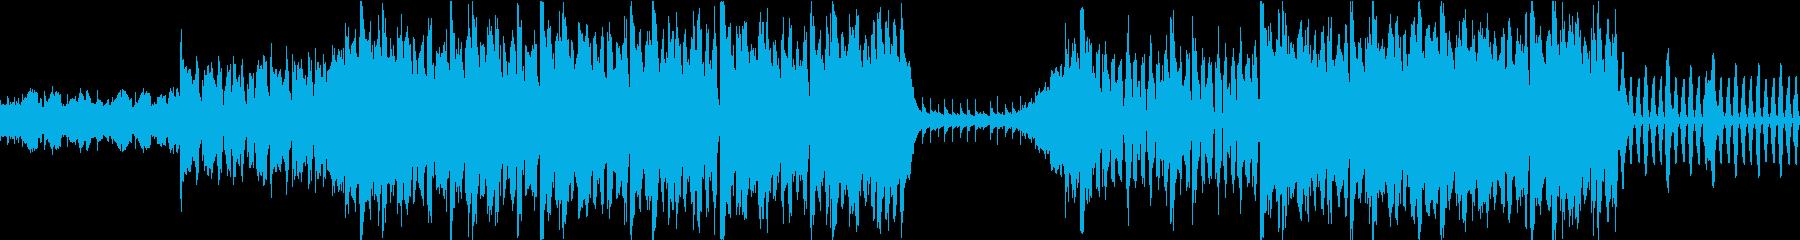 ハロウィンやサーカスっぽい雰囲気のBGMの再生済みの波形